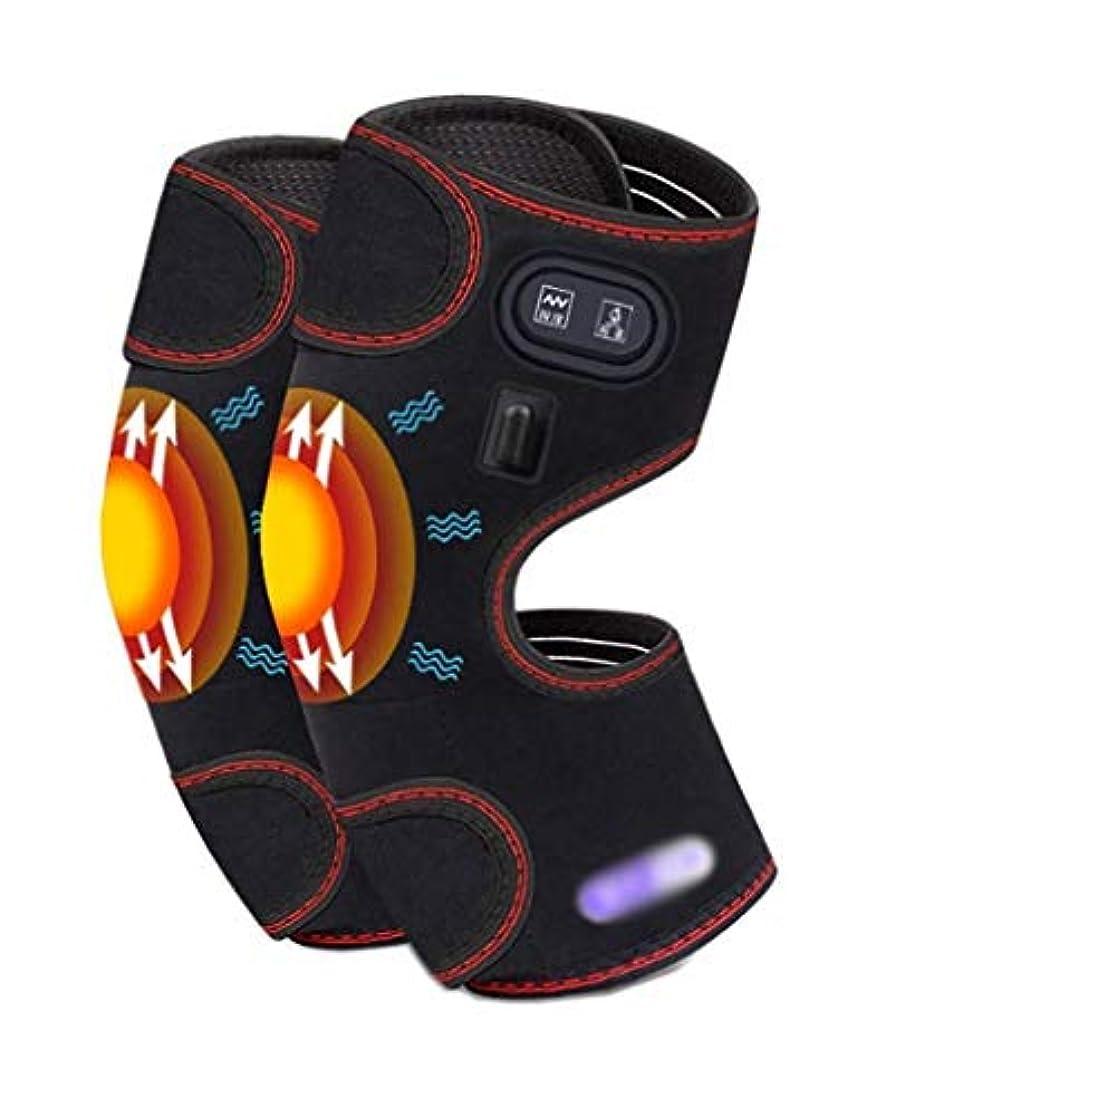 堂々たる振動させる車両電気加熱式膝パッド、レッグマッサージャー、カーボンファイバーヒーティングサイクル、3つのマッサージモード/ 3つの調整可能な温度、血液循環の促進、筋肉の弛緩、痛みの緩和